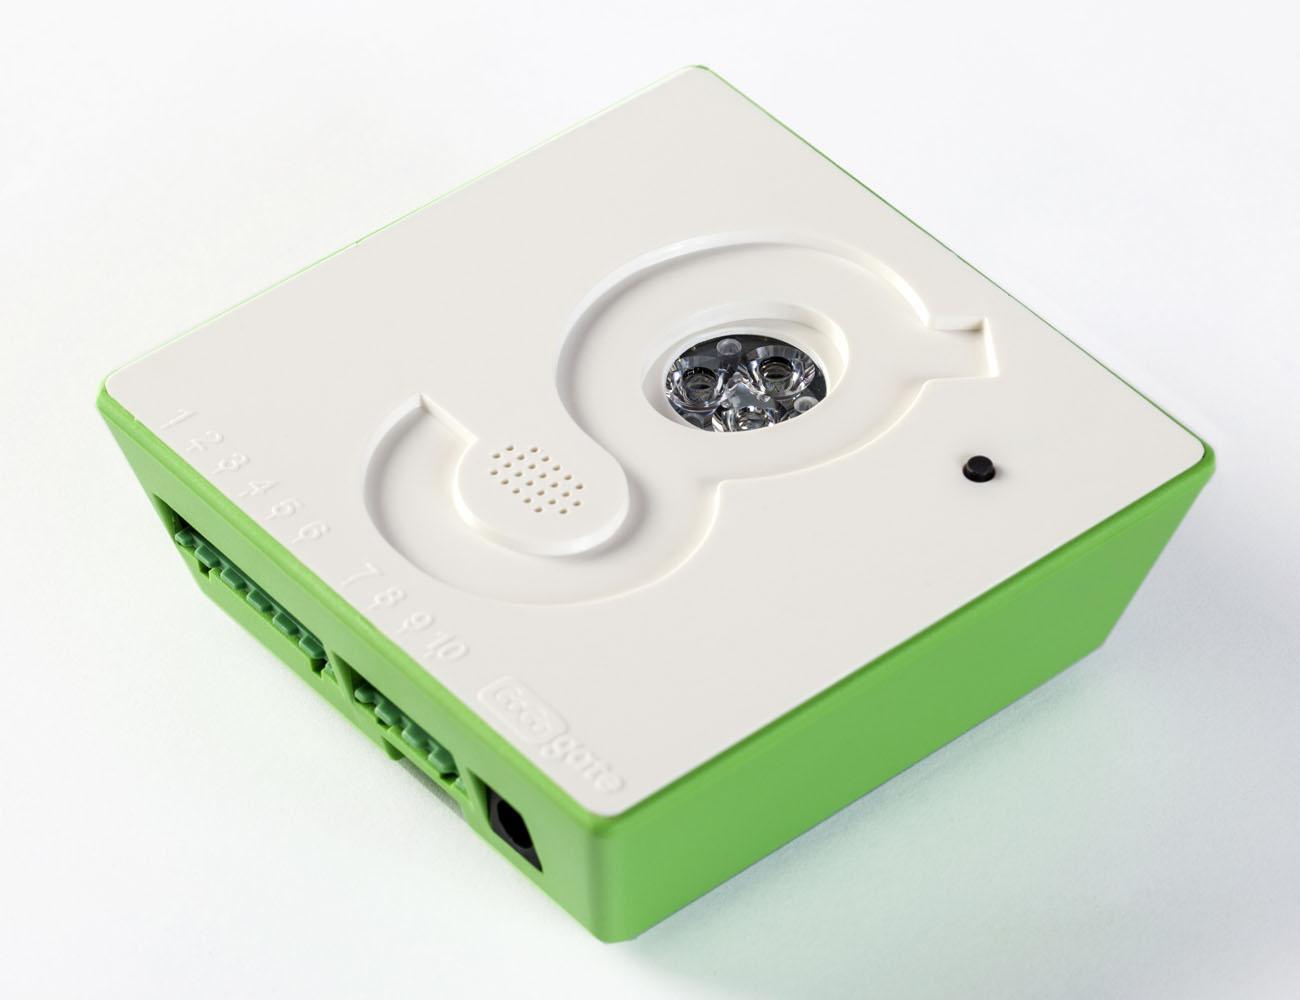 Gogogate 2 Wireless Garage Door Opener Review 187 The Gadget